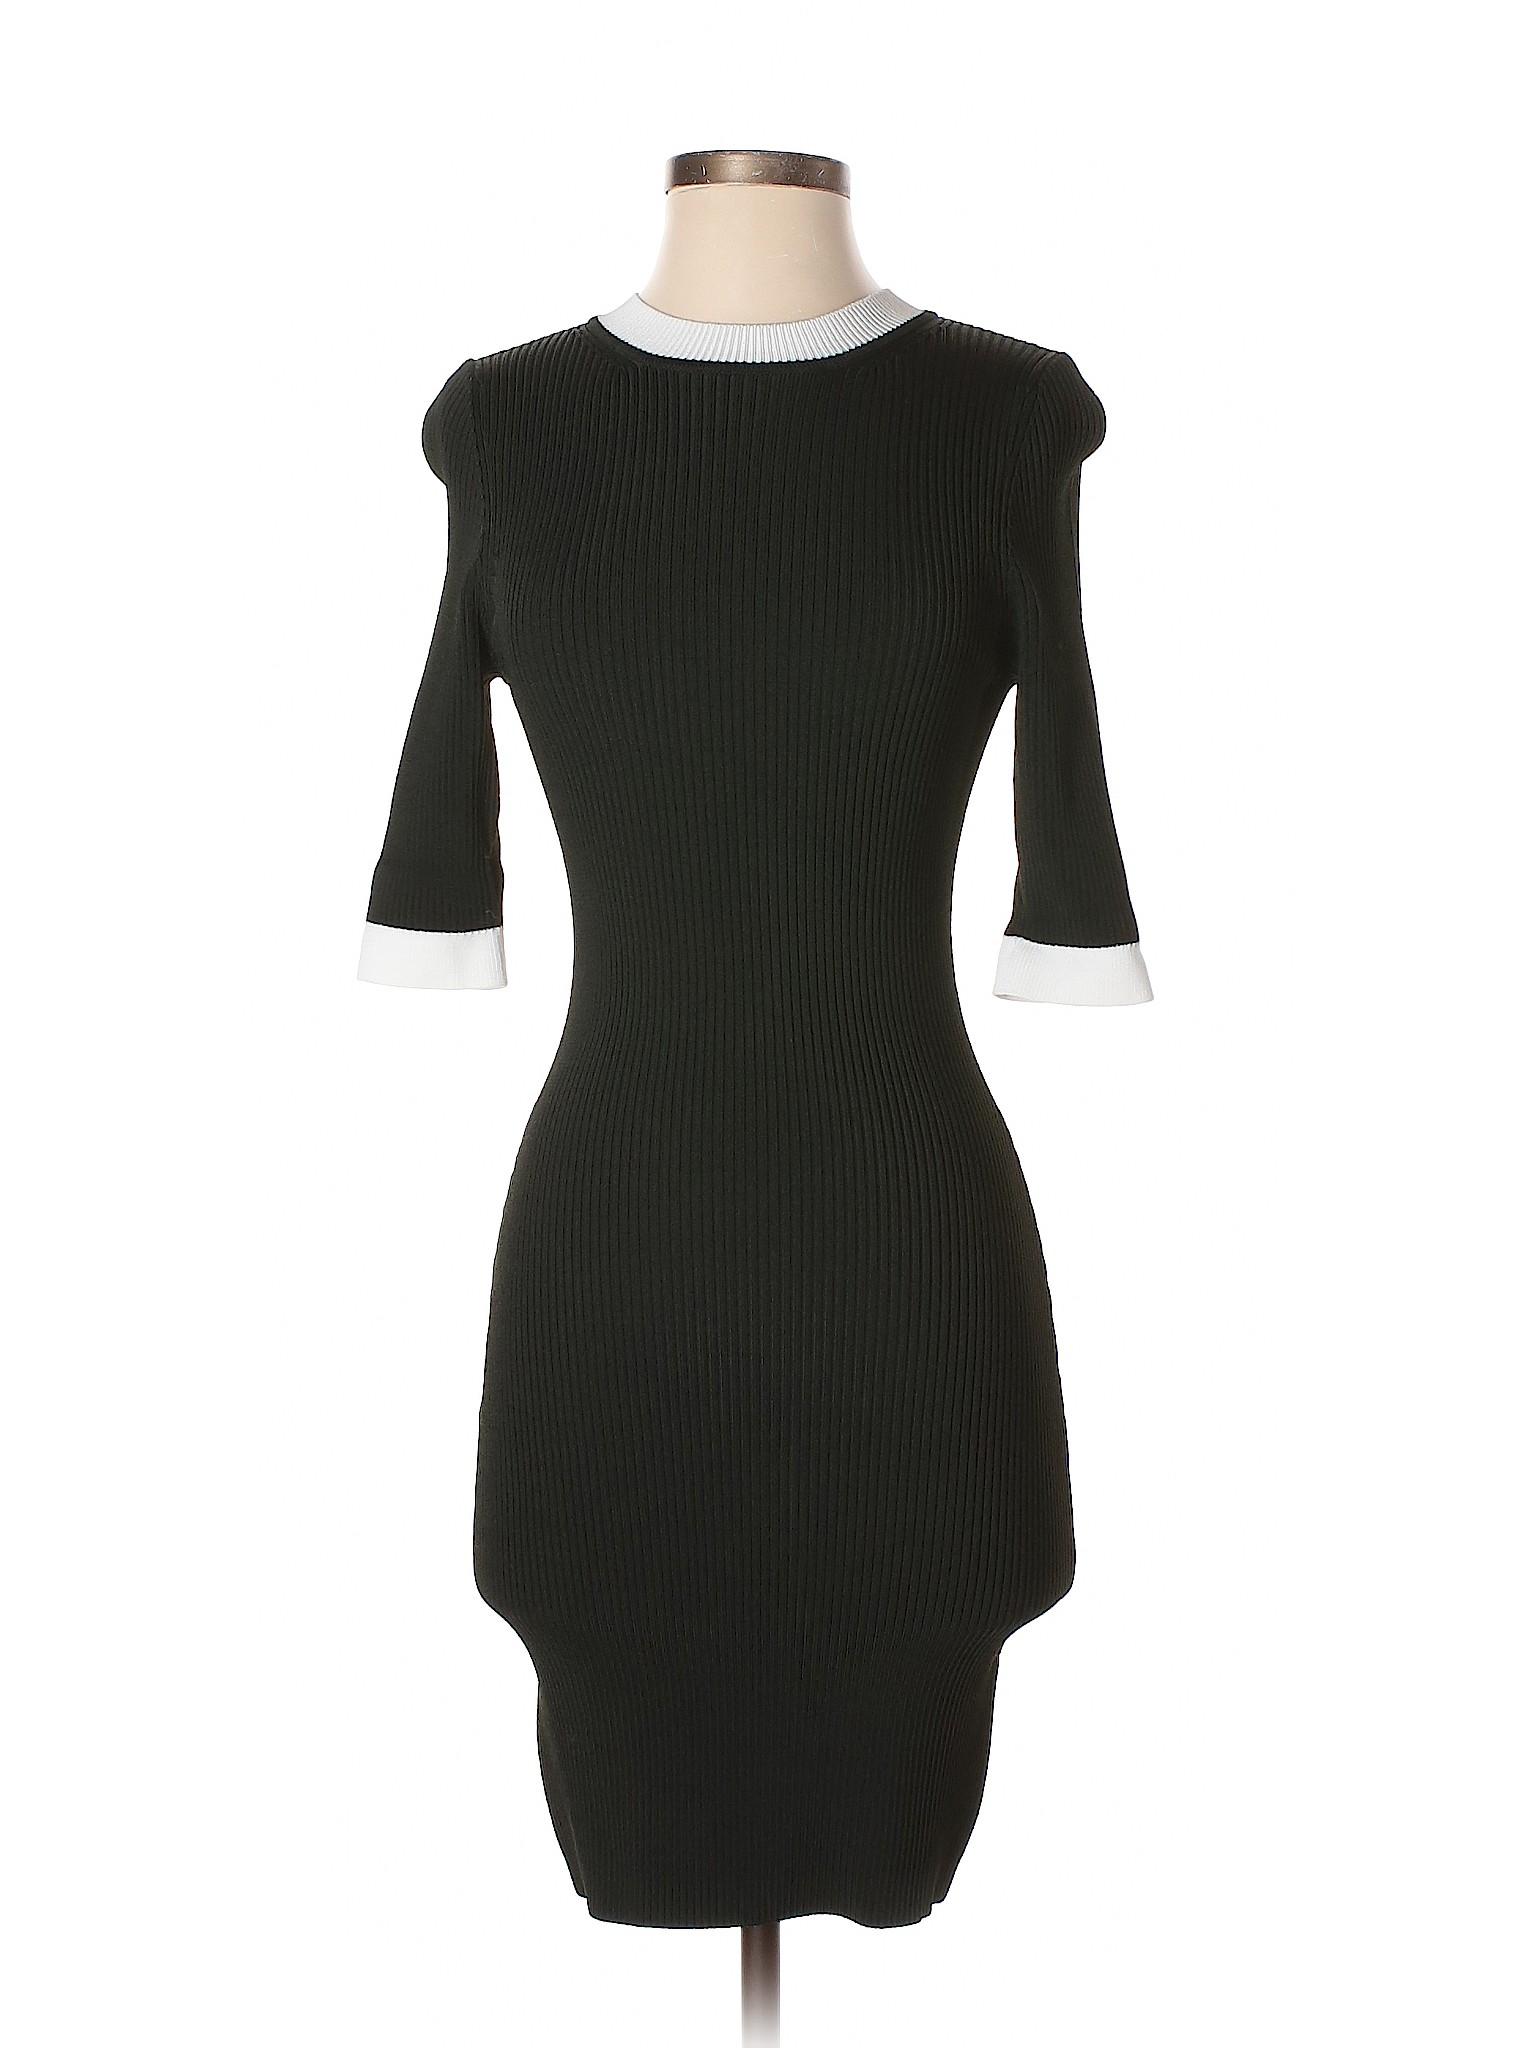 l c Dress Casual A Boutique Winter EAZqwv